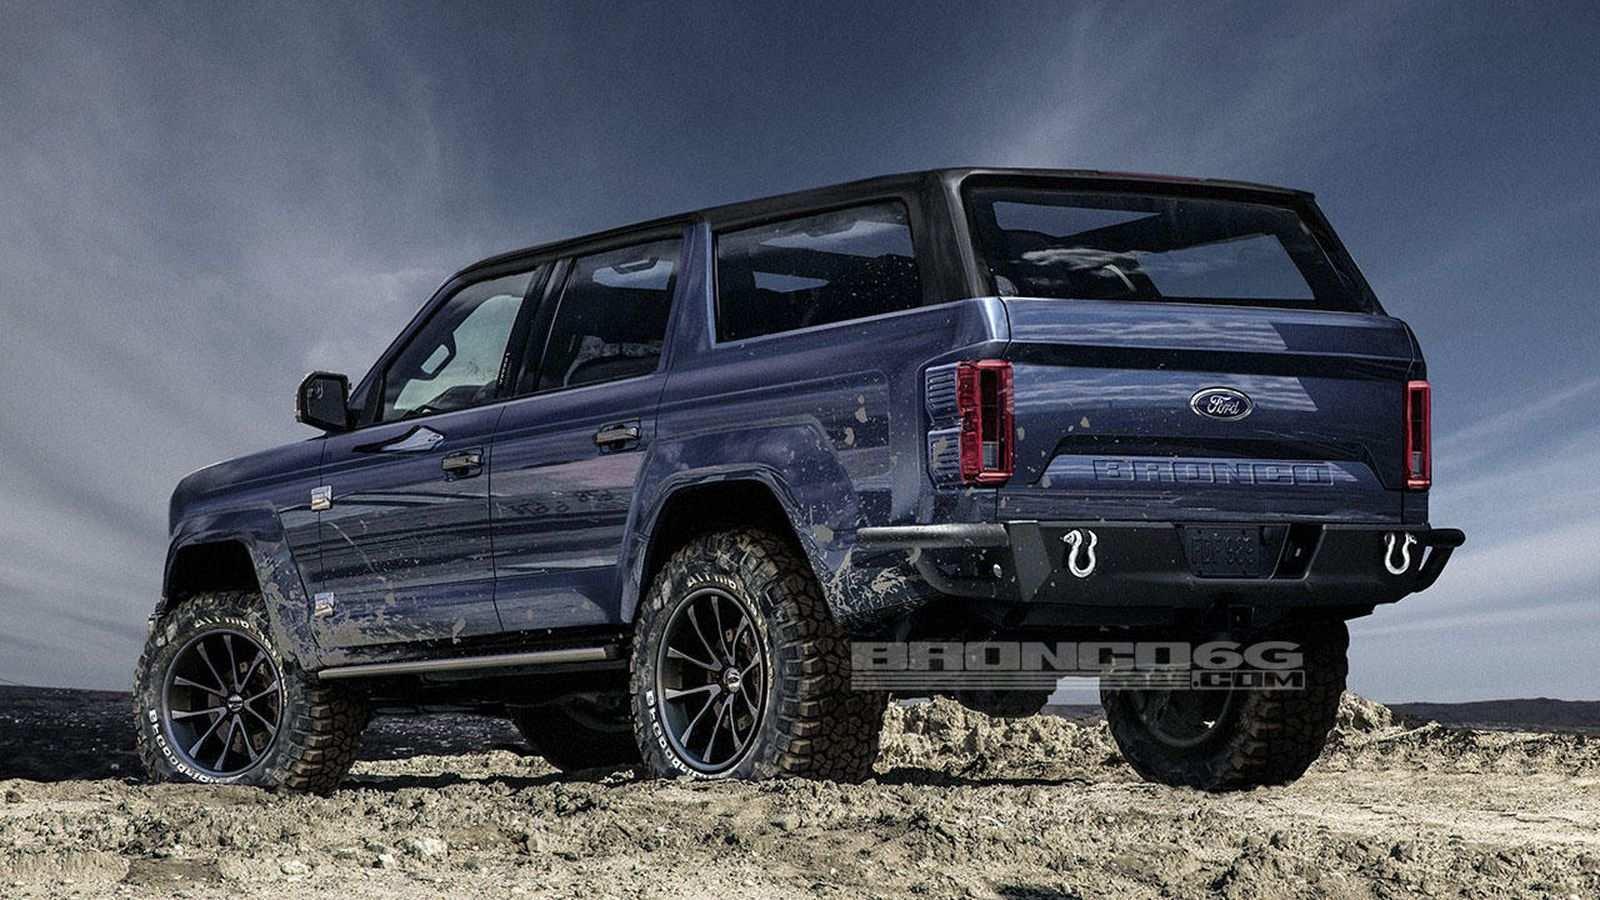 49 All New 2020 Mini Bronco Configurations with 2020 Mini Bronco